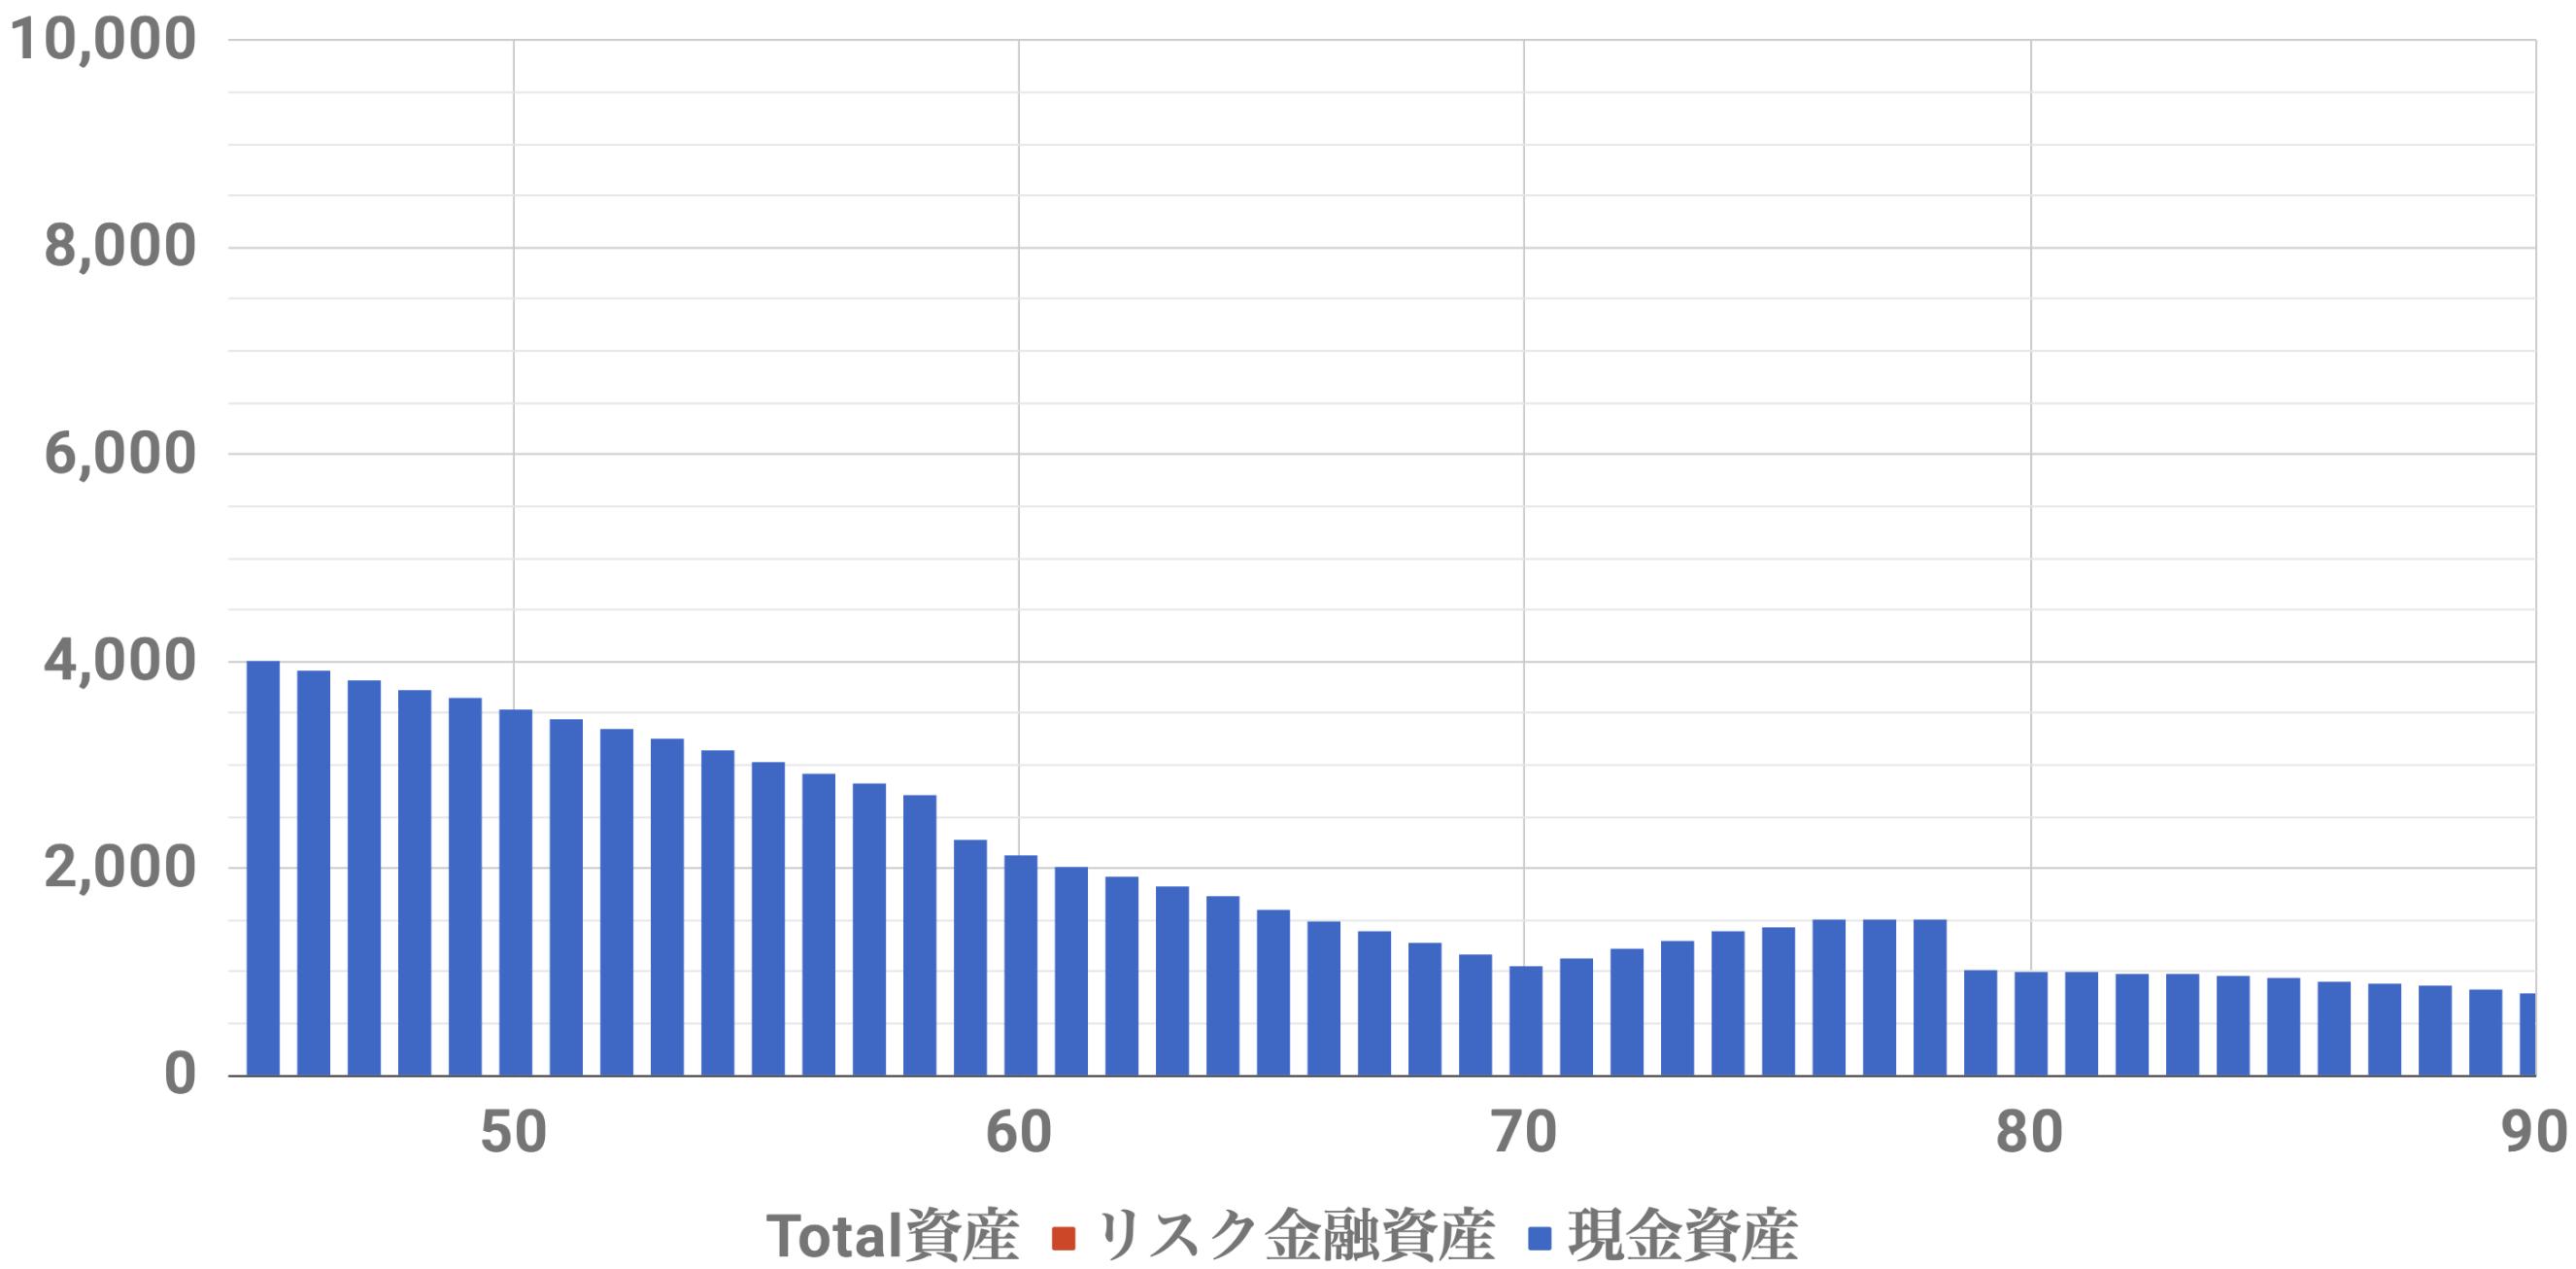 45歳4000万資産シミュレーション(Level1)インフレ率2%